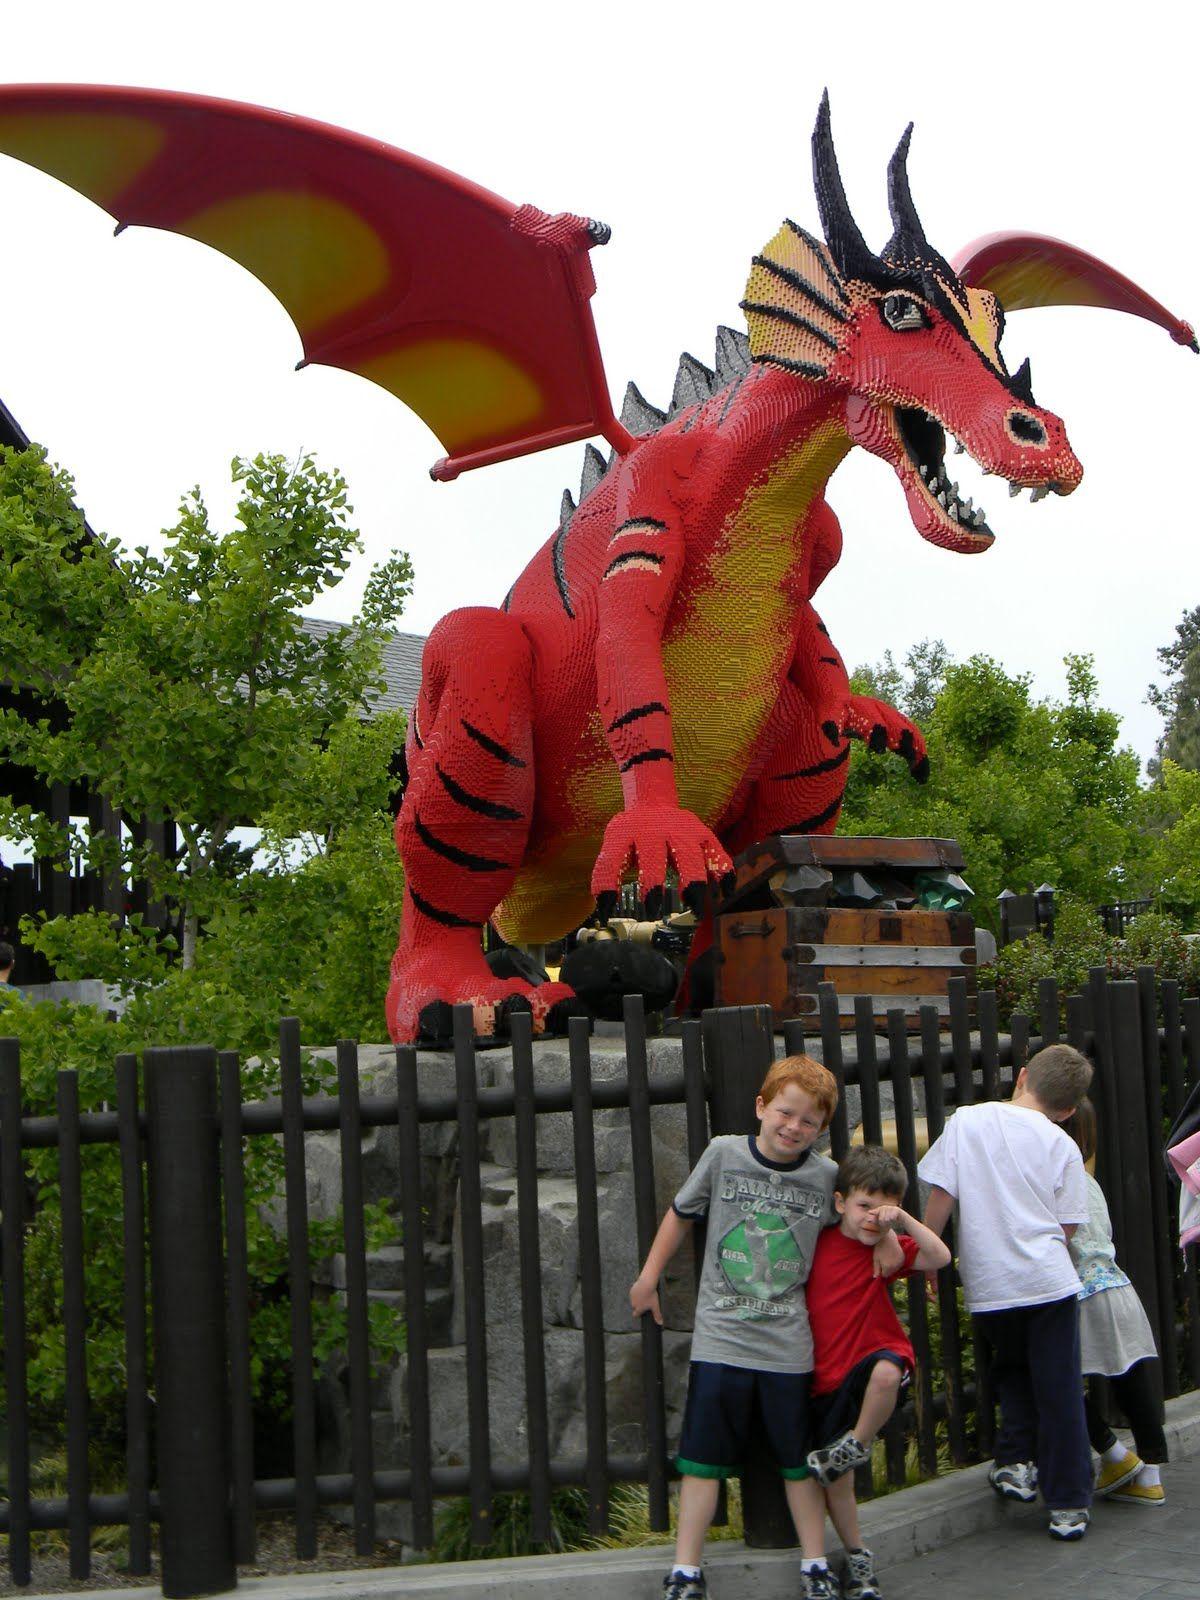 Pin By Laura Kelly On Drachen Dragons Legos Dragon Lego